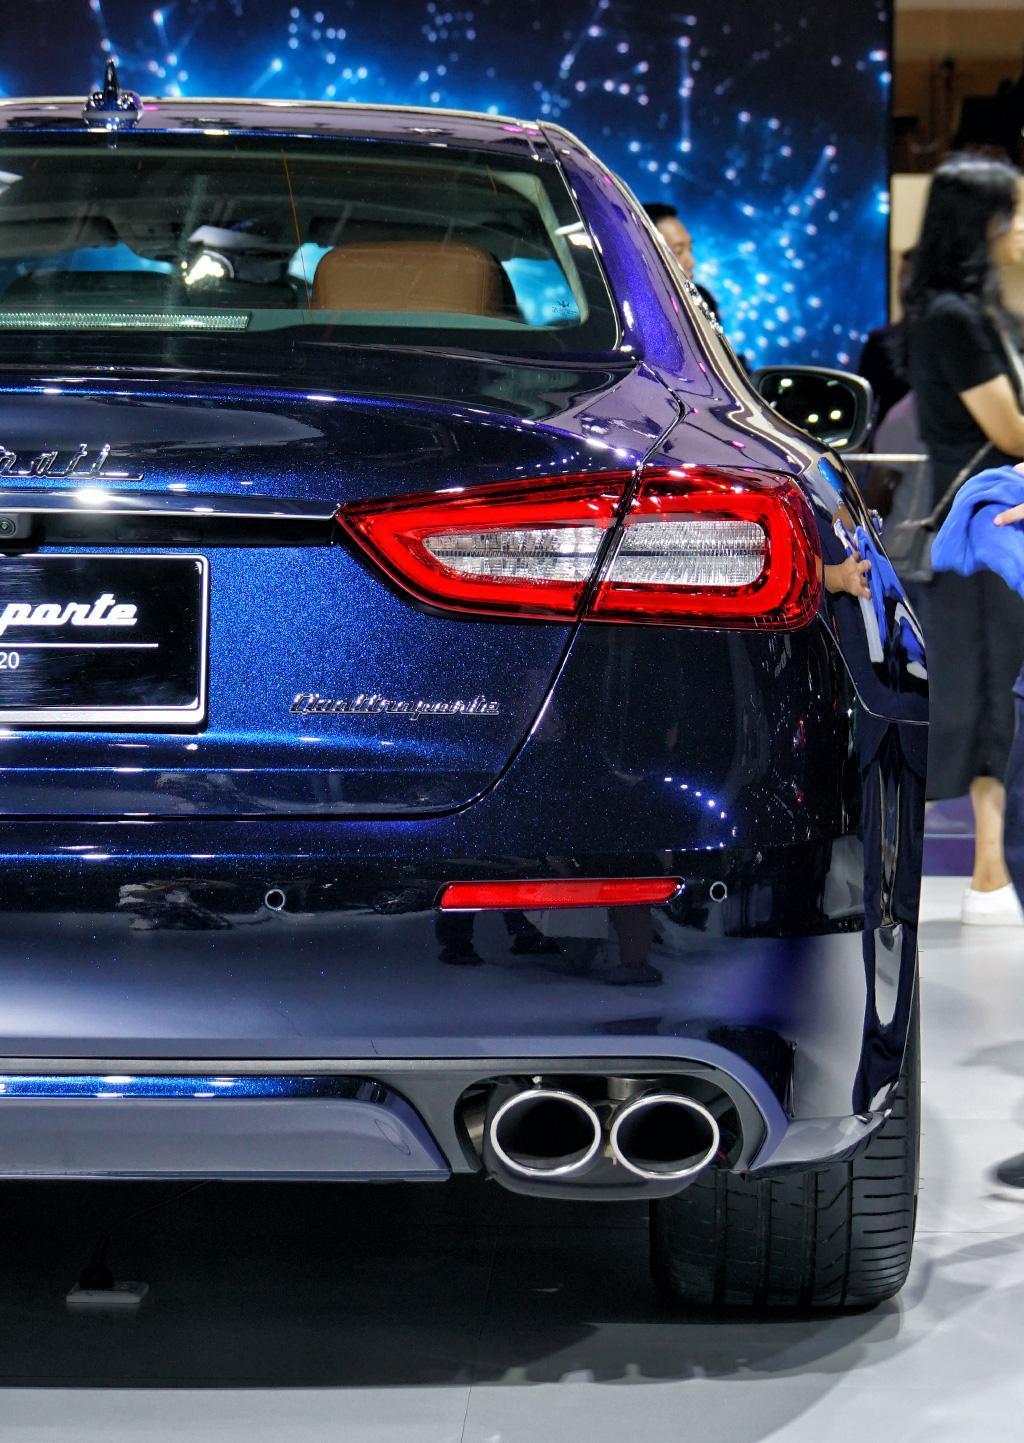 售价156.54万,全球只有20辆,玛莎拉蒂发布总裁尊贵蓝全球限量版